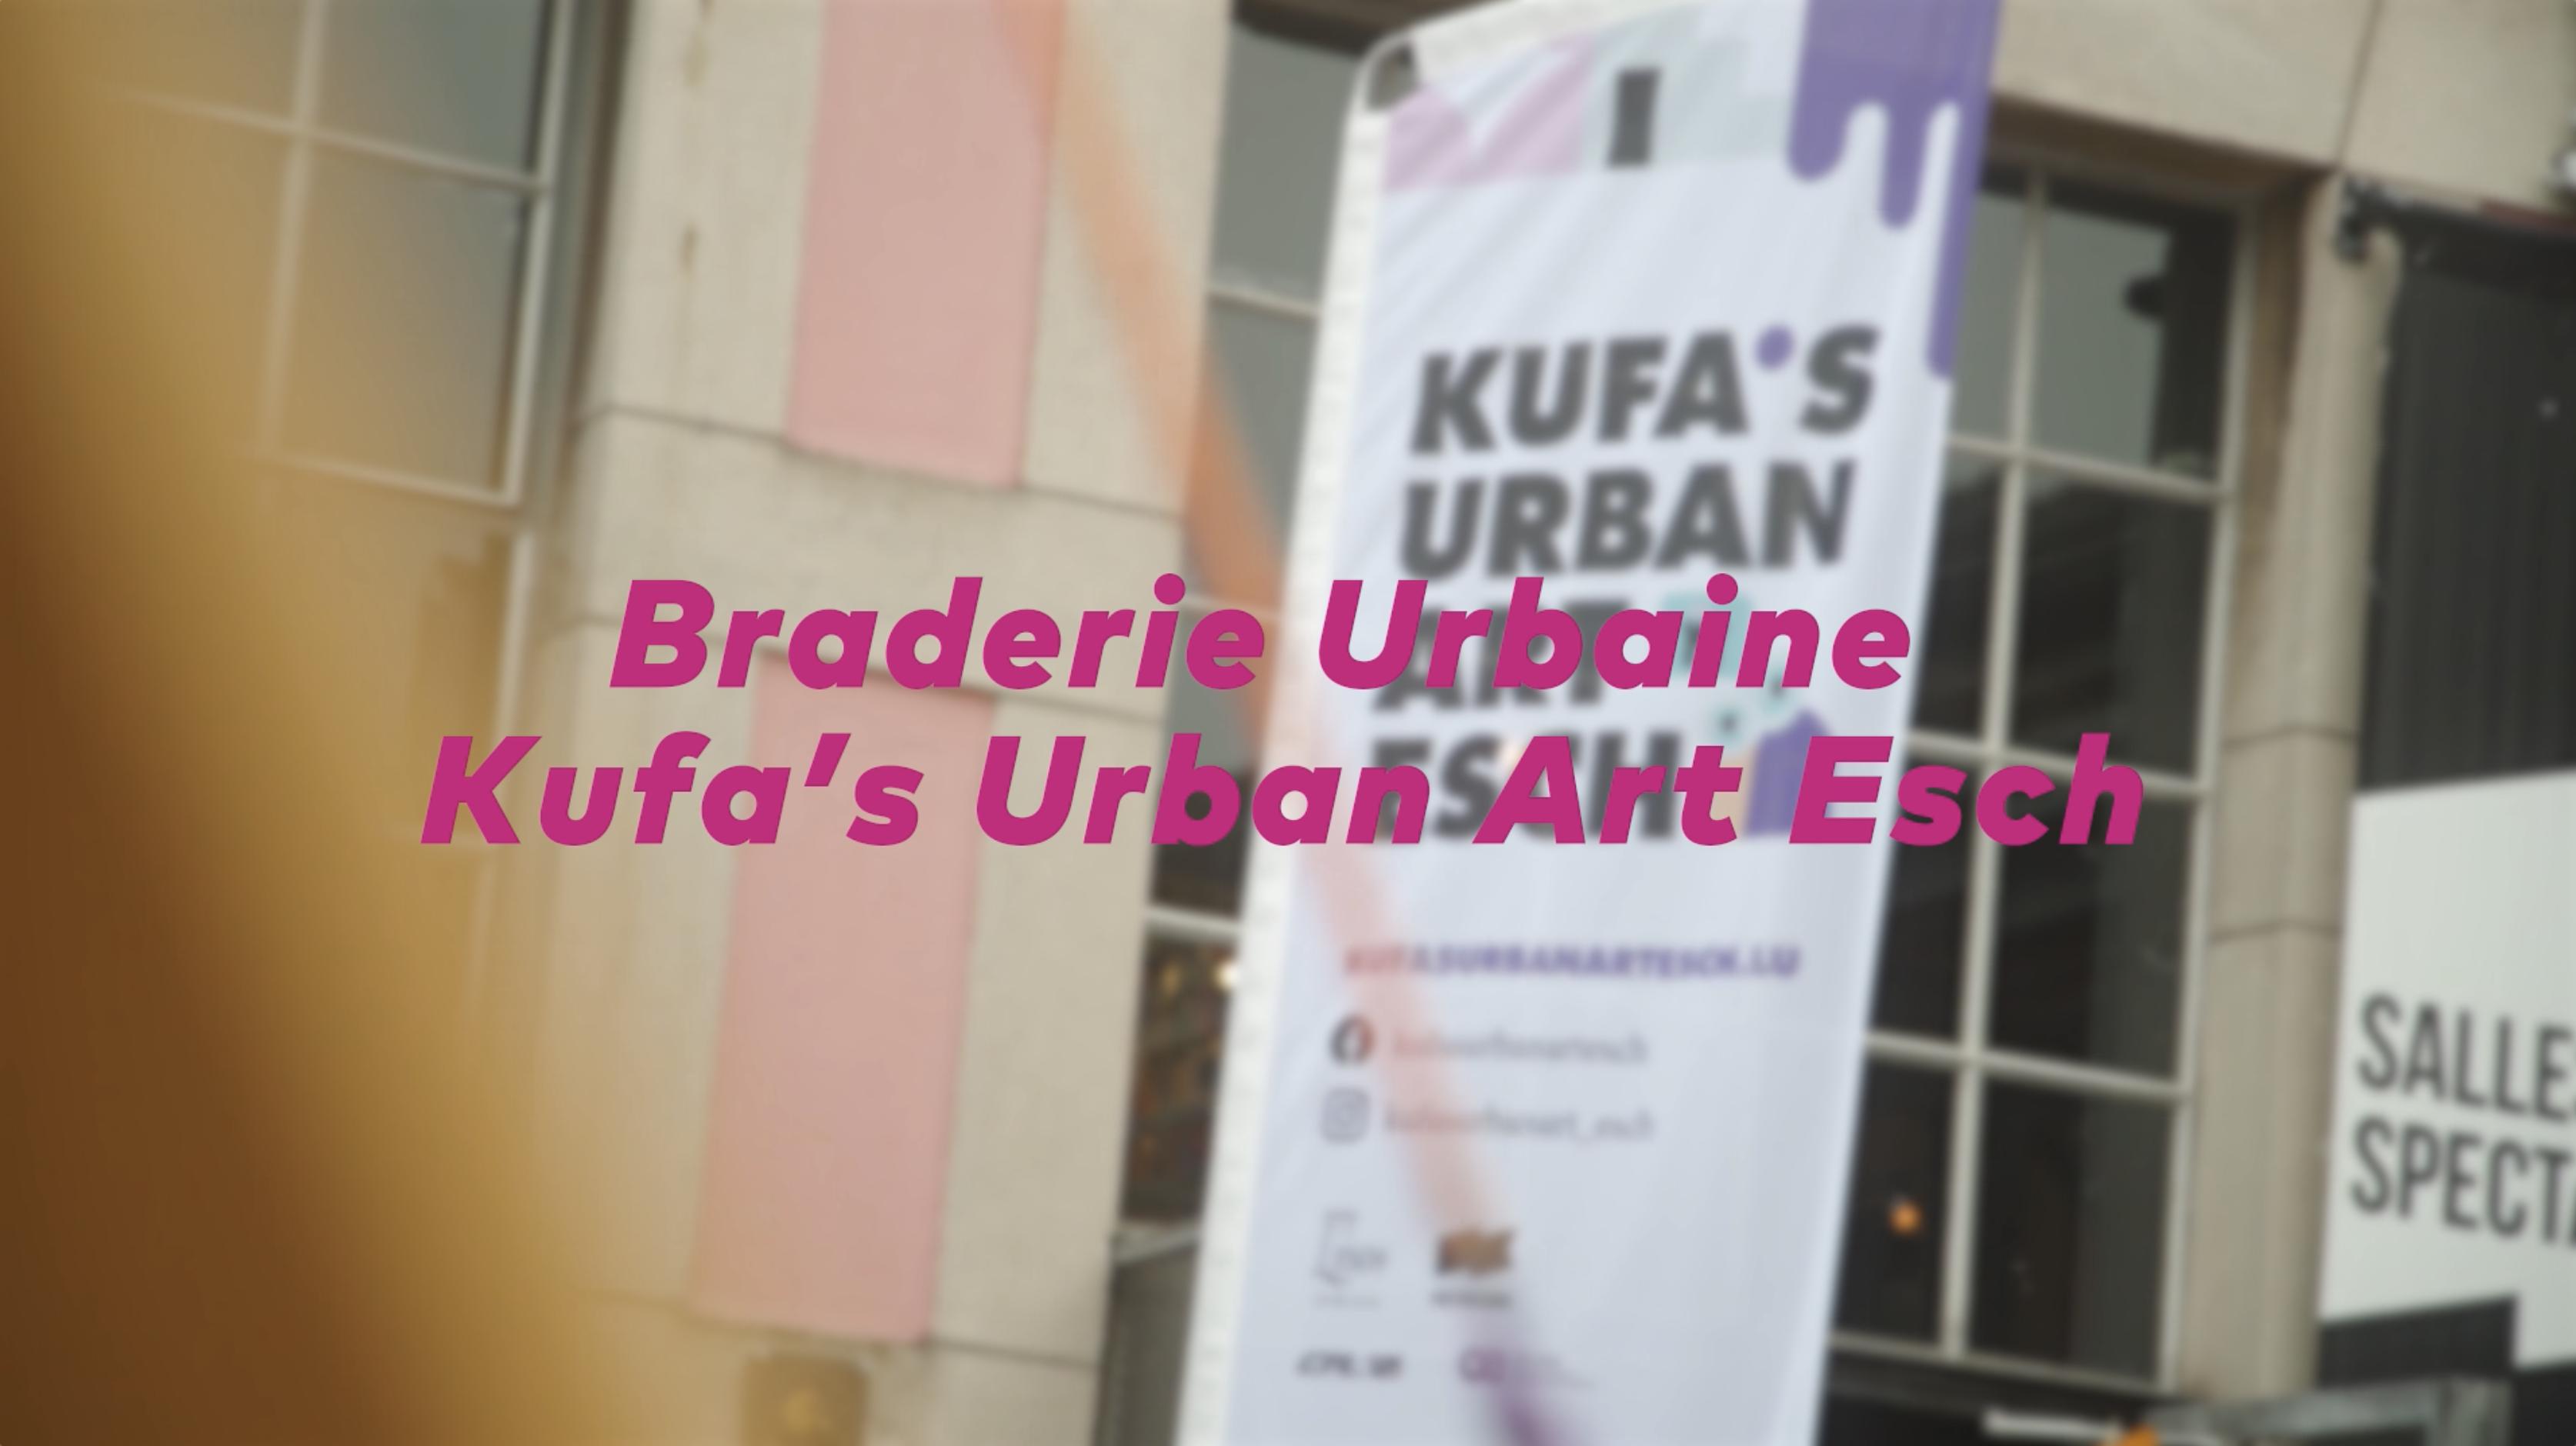 La Braderie Urbaine de la Kufa – Un événement qui inspire